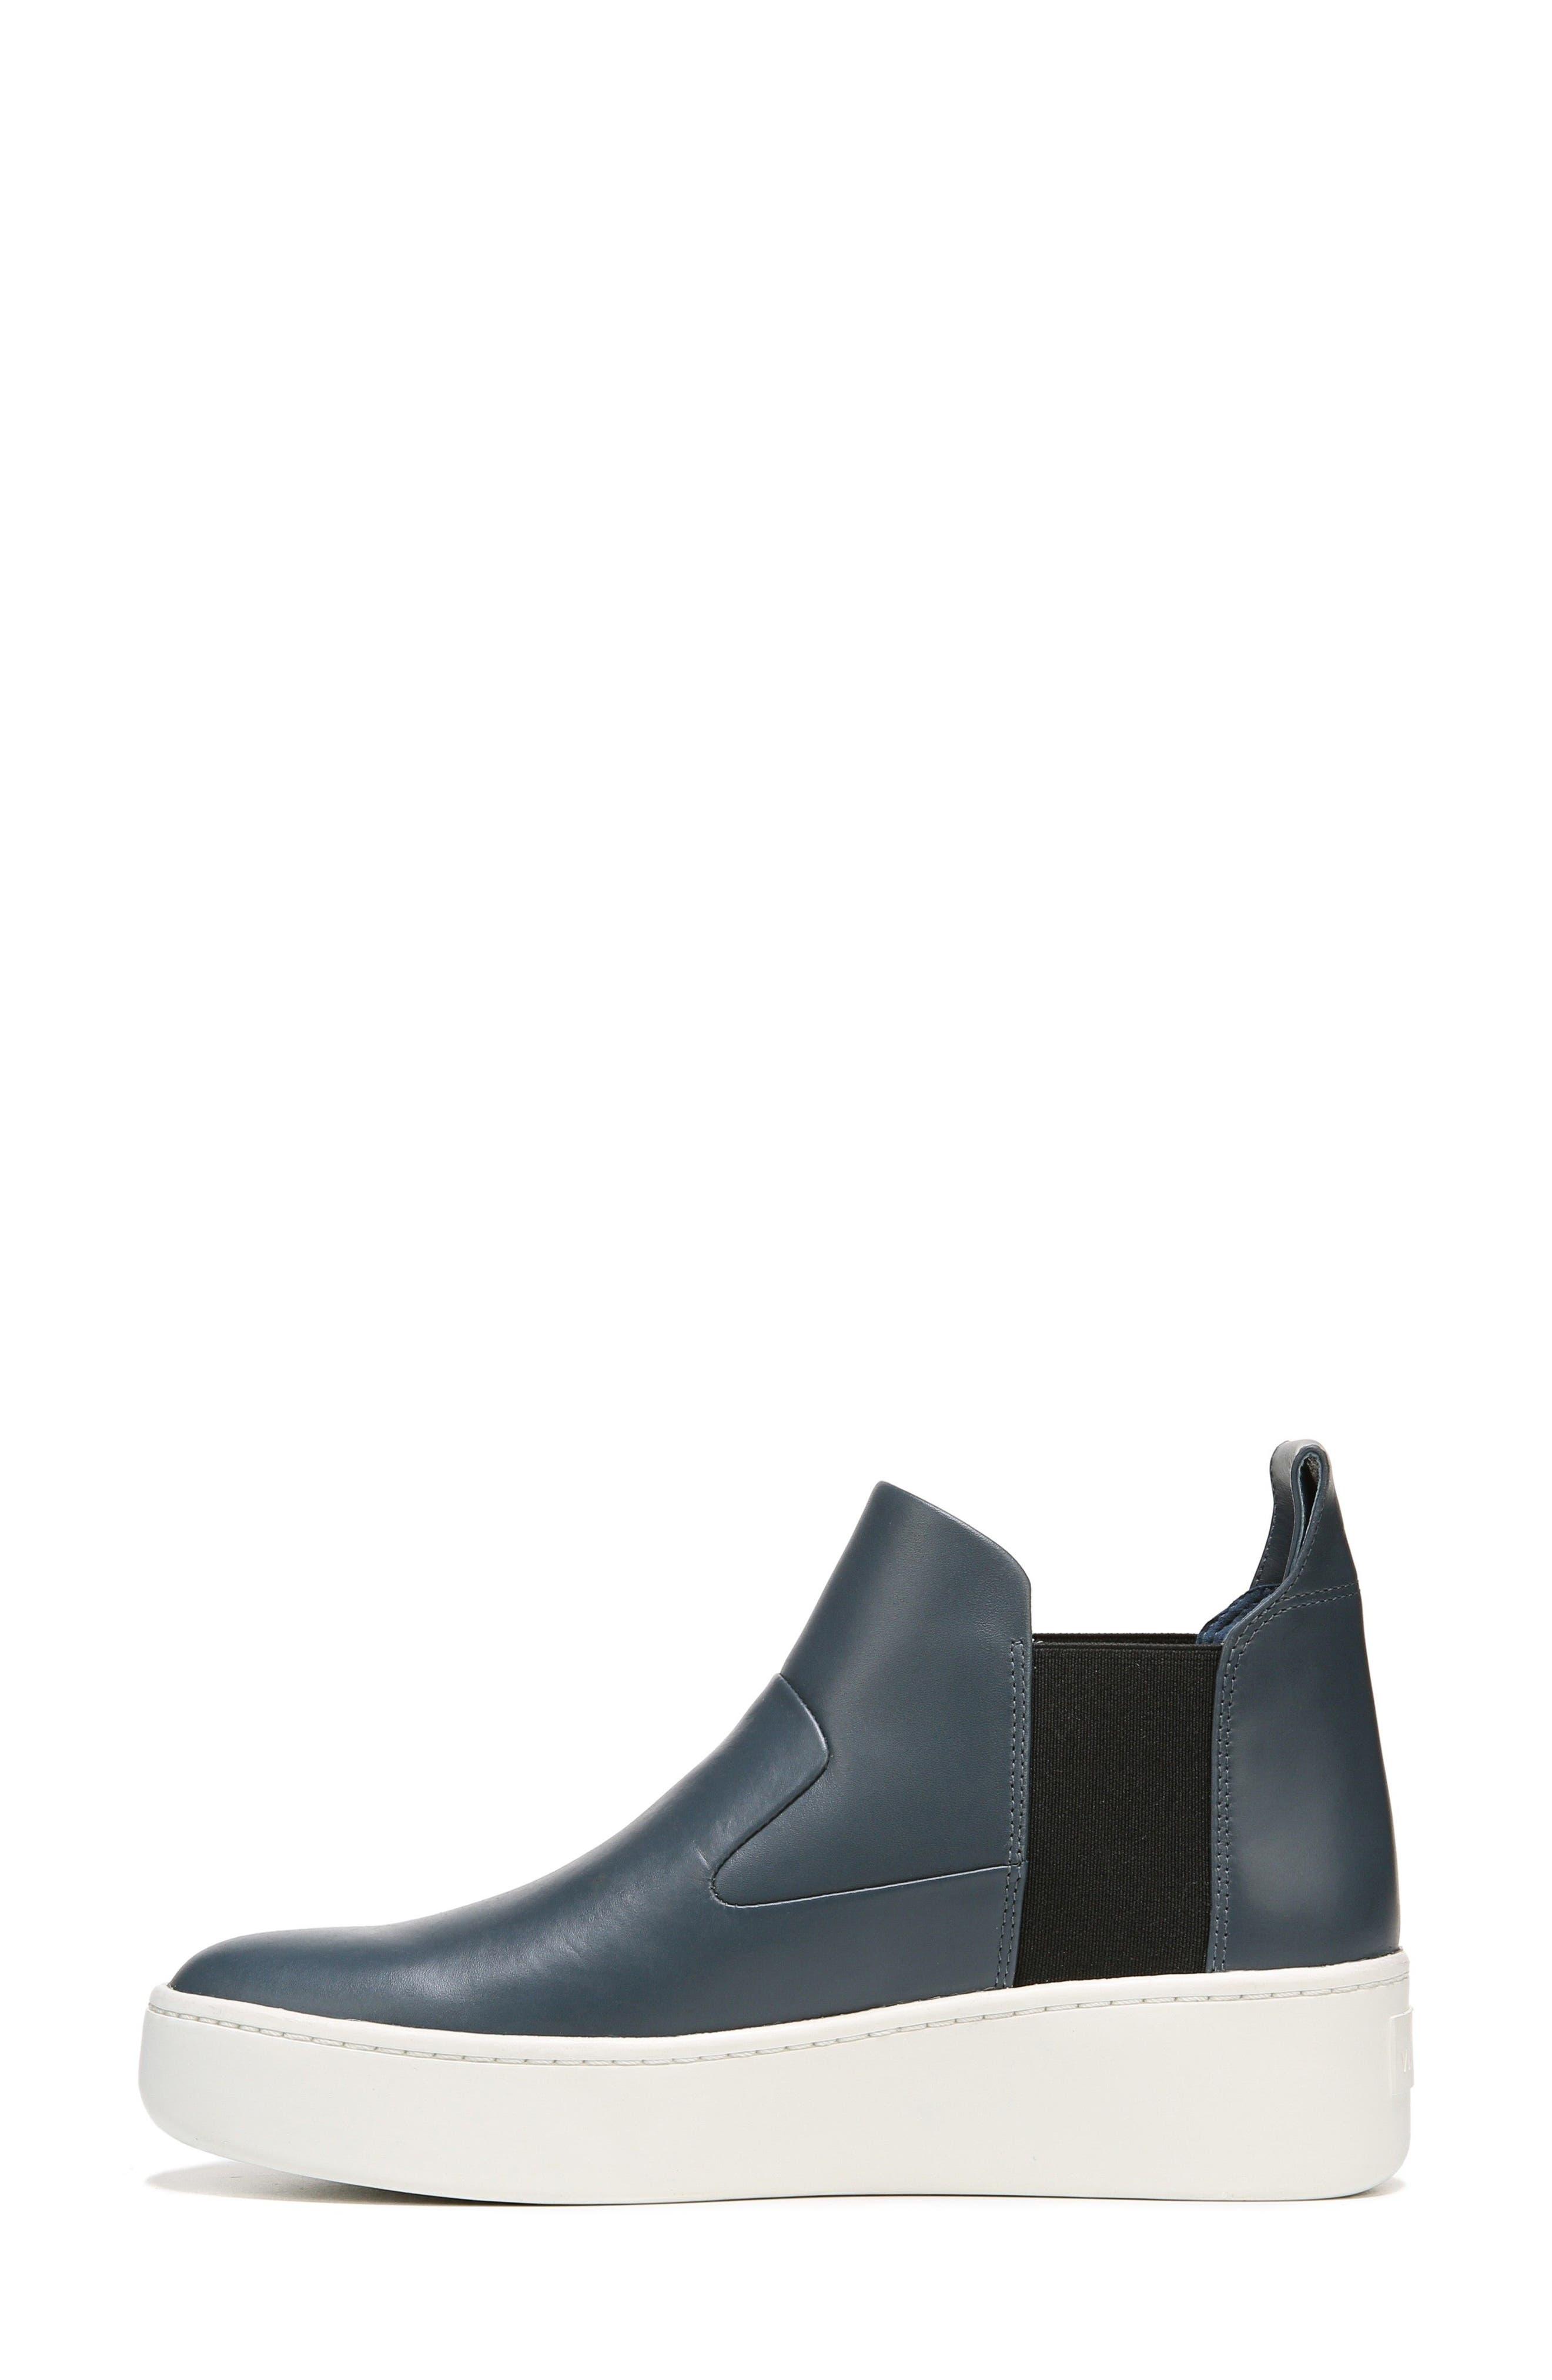 Eren Slip-On High Top Sneaker,                             Alternate thumbnail 8, color,